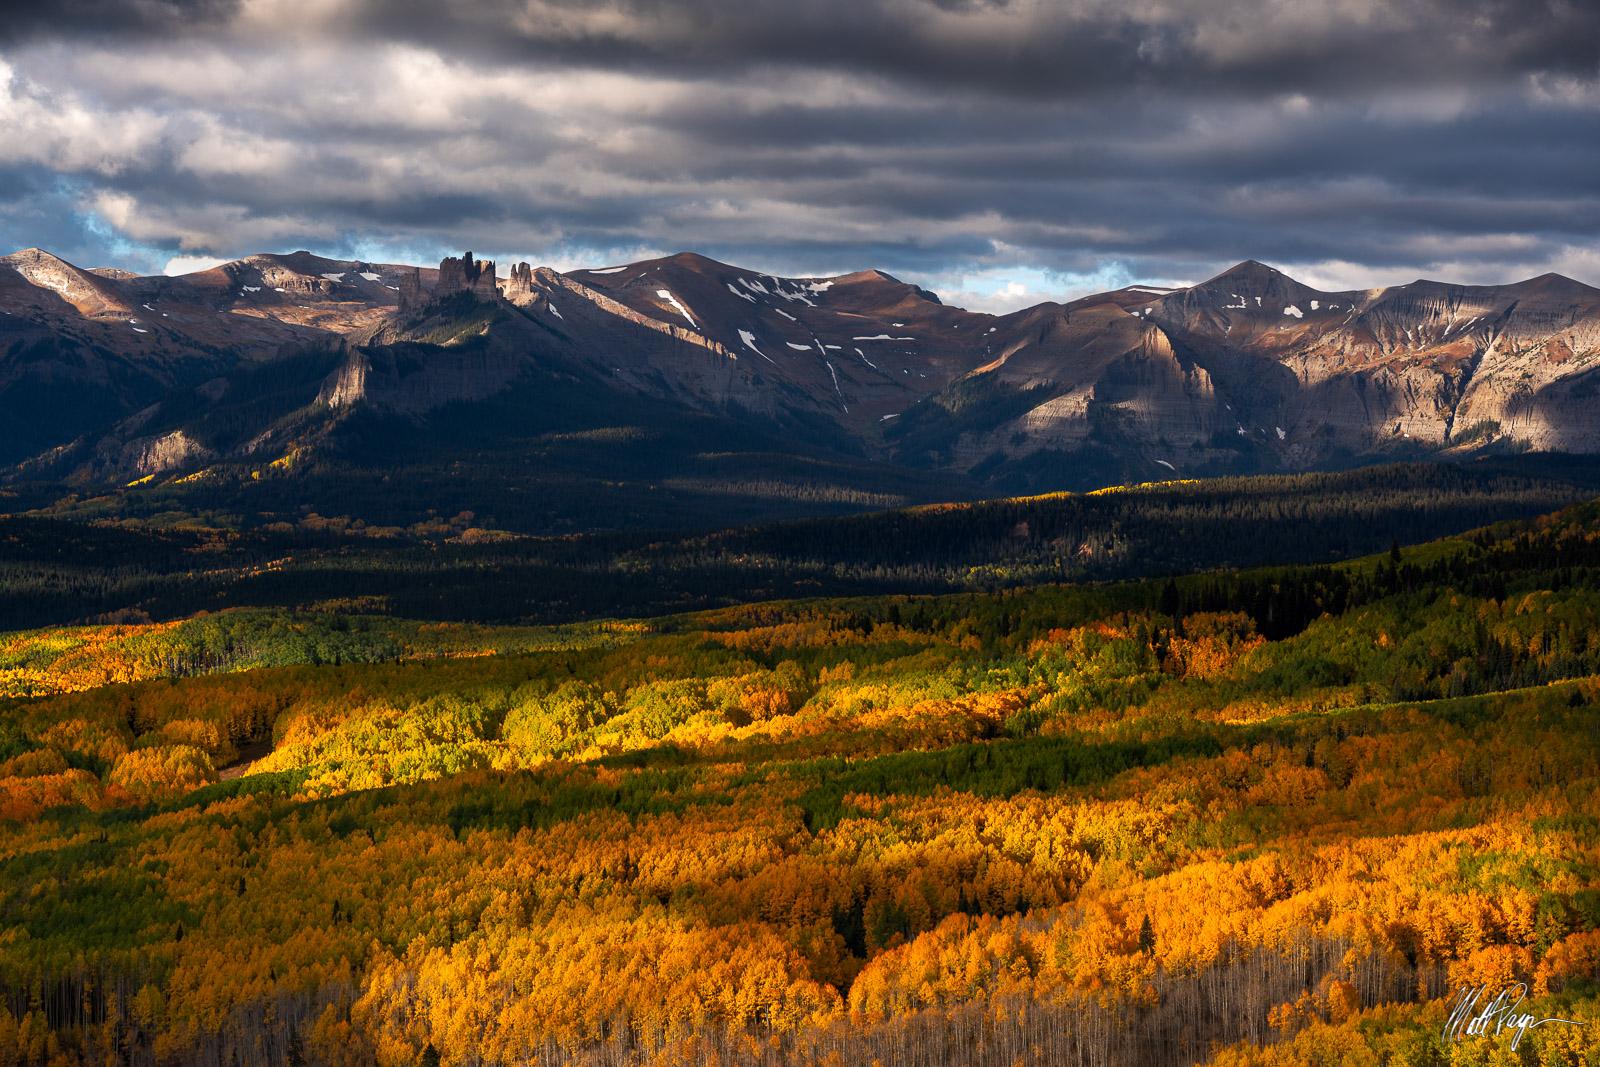 Aspen Trees, Autumn, Clouds, Colorado, Fall Colors, Landscape, Mountains, Crested Butte, West Elk Peak, dappled, West Elk Mountains, photo